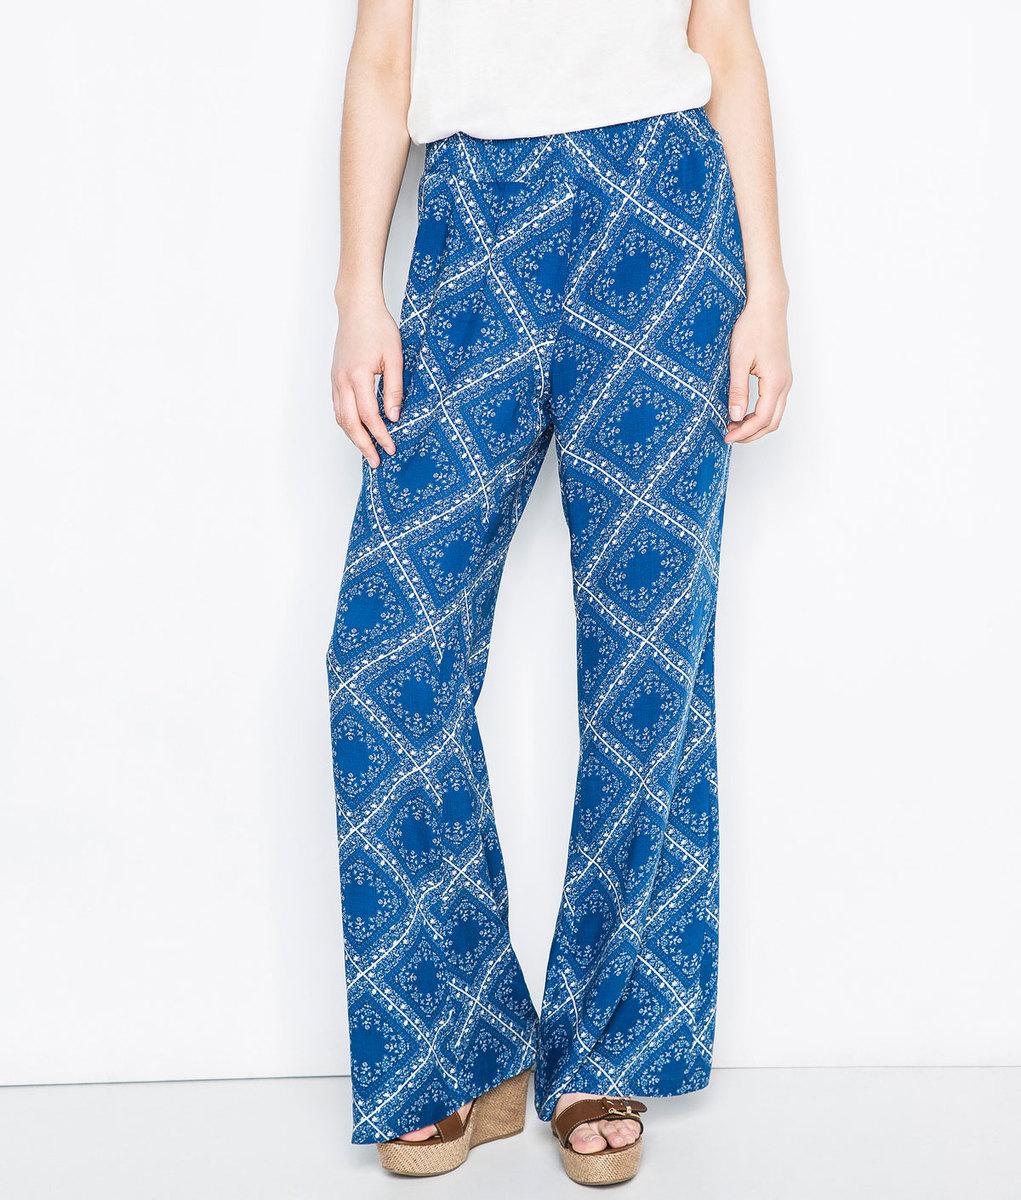 Los mejores looks del verano con pantalones palazzo ¿Alguien dijo que los pantalones no son para el verano? Estos que vas a ver a continuación te van a enamorar.